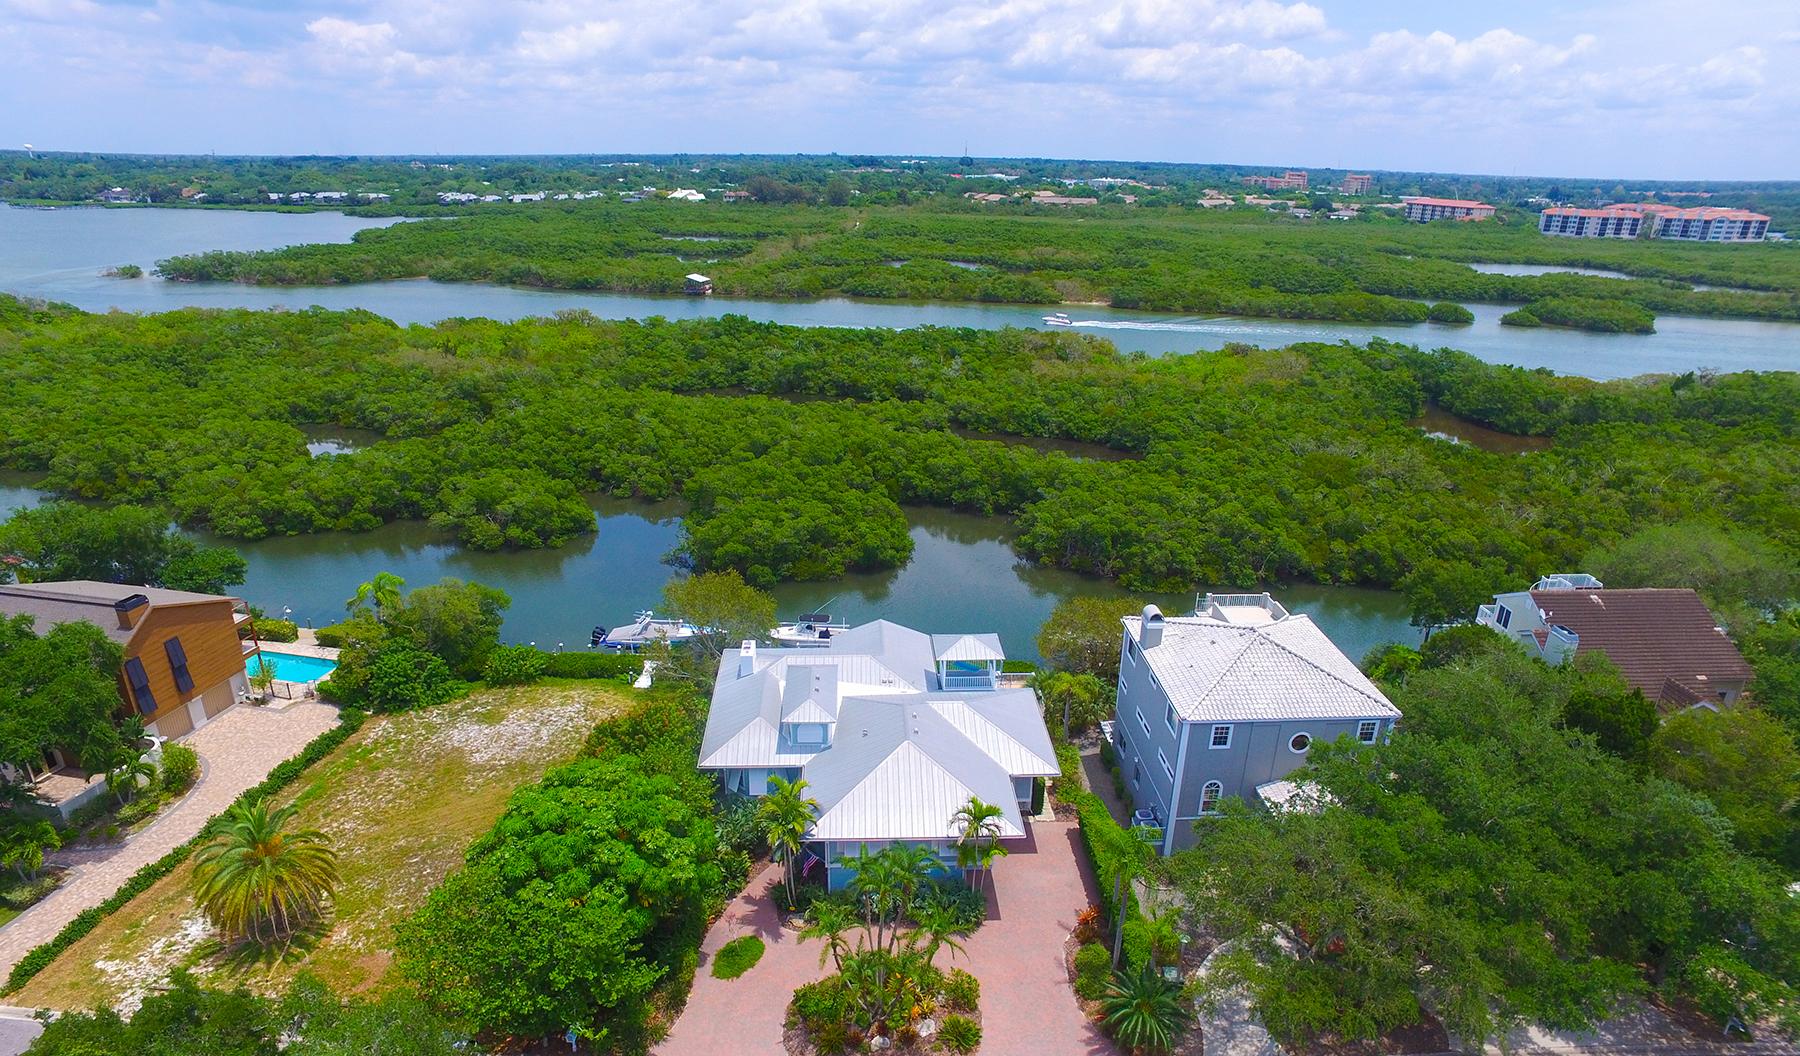 Maison unifamiliale pour l Vente à SIESTA COVE 5244 Siesta Cove Dr Sarasota, Florida, 34242 États-Unis